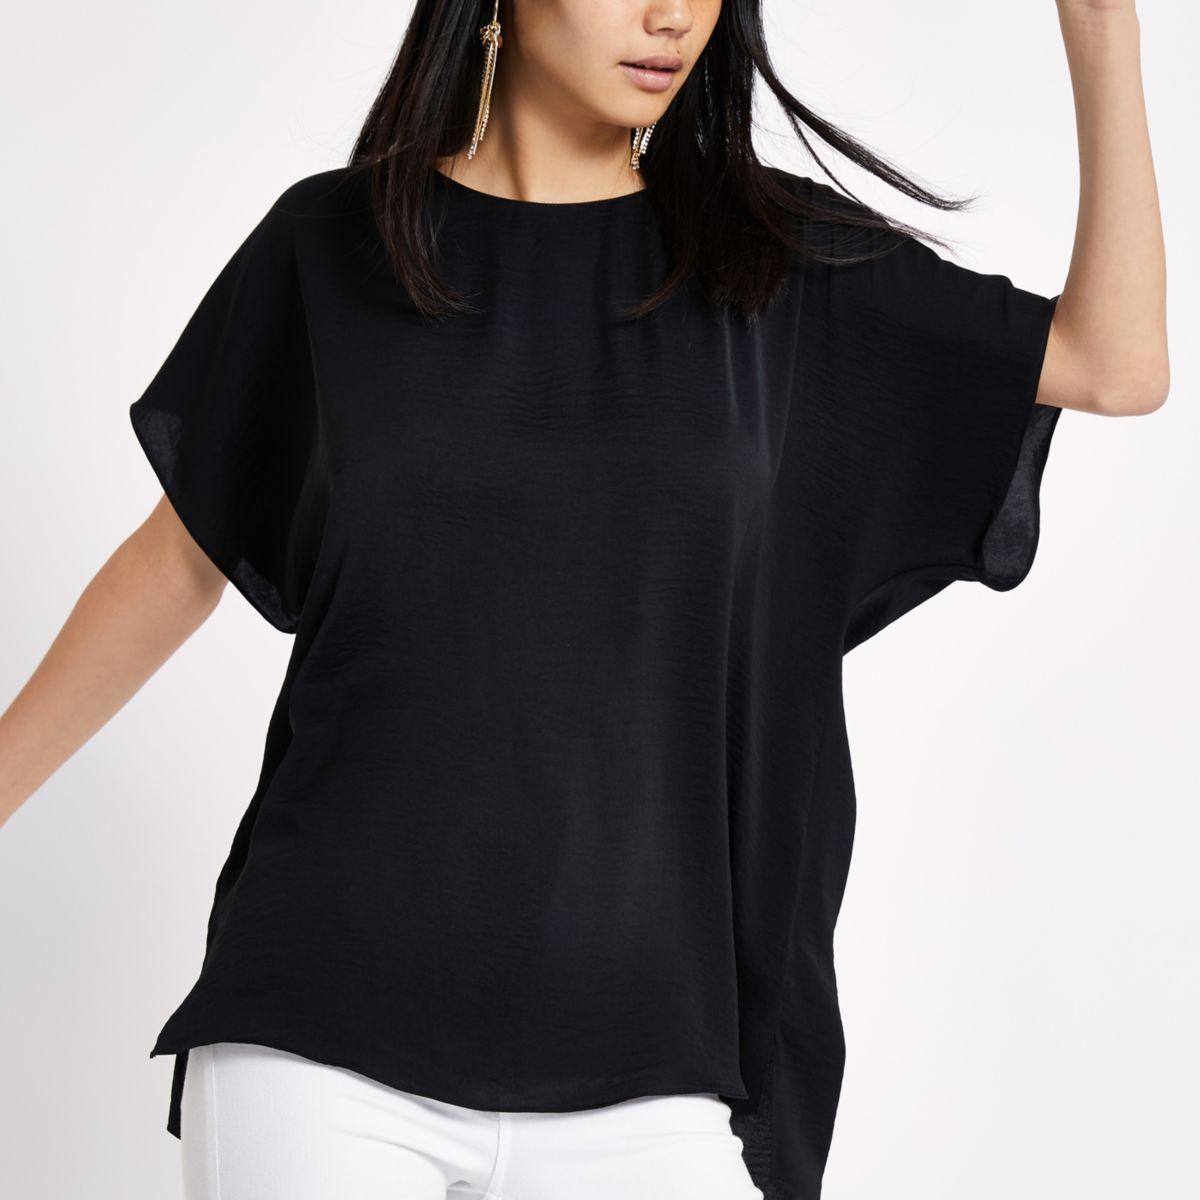 Black bar back T-shirt